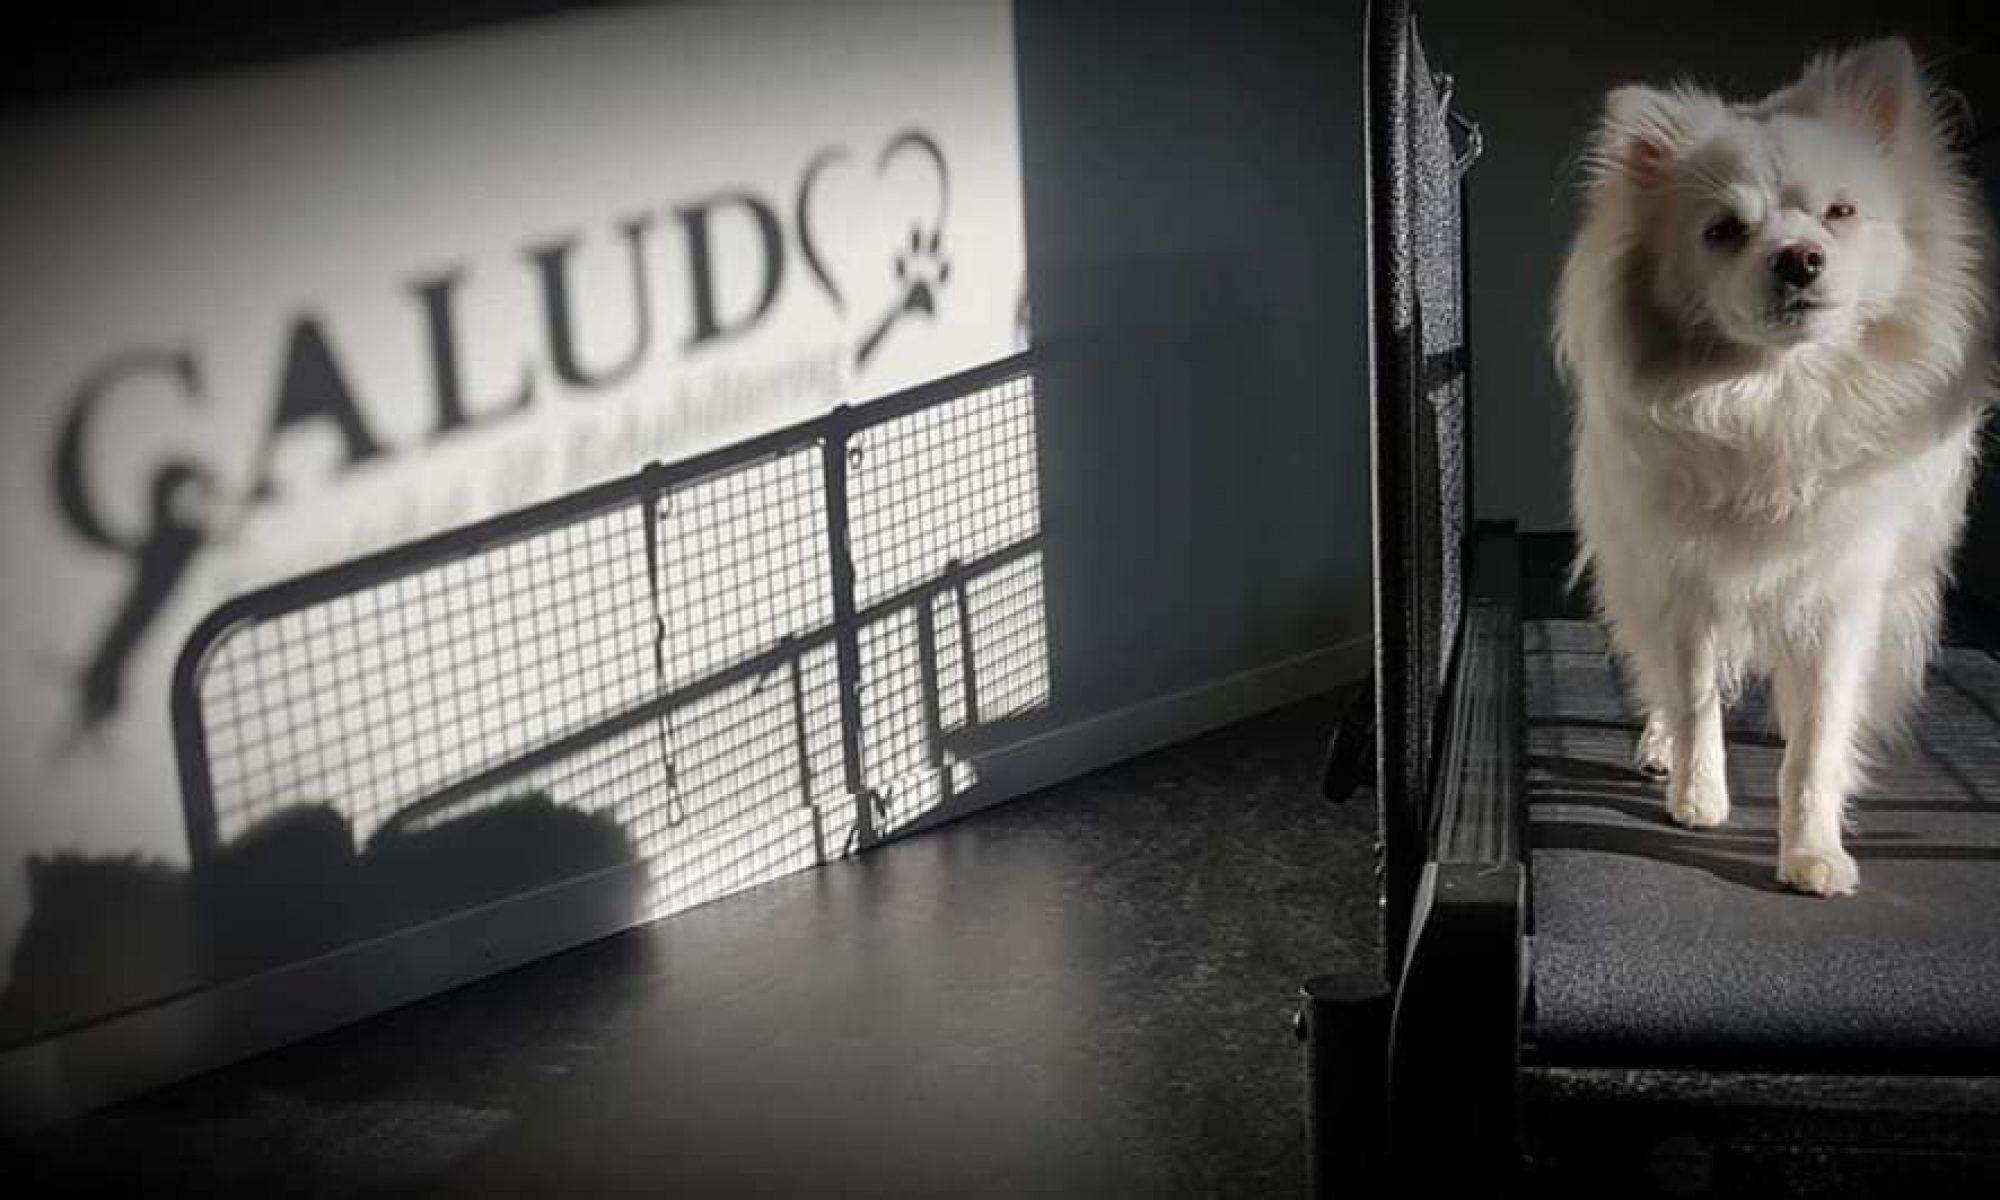 CALUDO Hundfysioteket & Rehabilitering